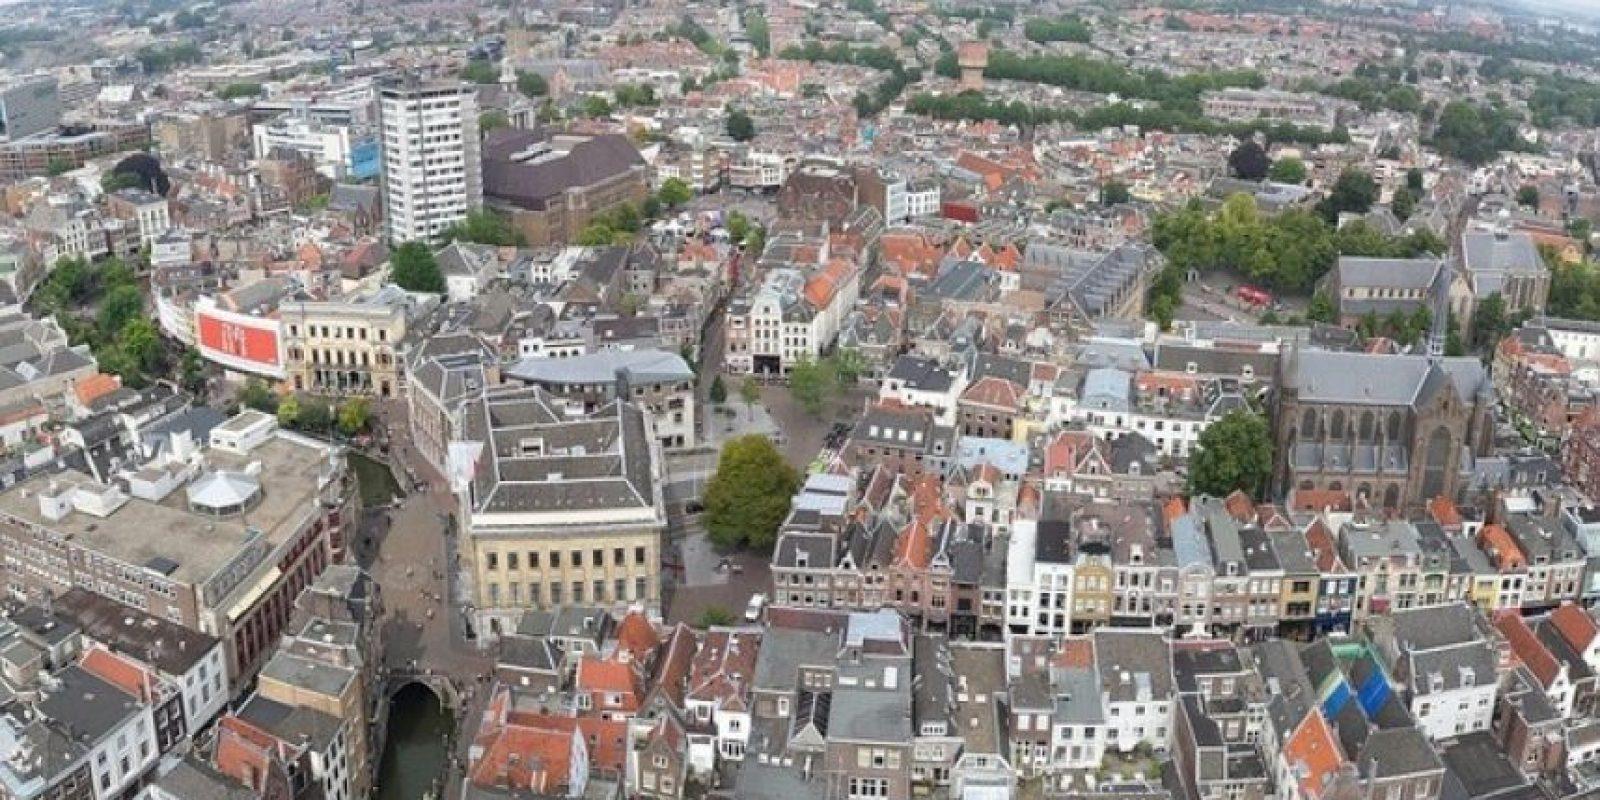 Utrecht (Países Bajos) Situada en el corazón de Holanda, Utrecht lleva a cabo un experimento social, consistente en el pago de una renta básica de 1.000 dólares a sus habitantes solo por vivir allí. El objetivo del estudio es averiguar si sus ciudadanos saben manejar el dinero con eficacia